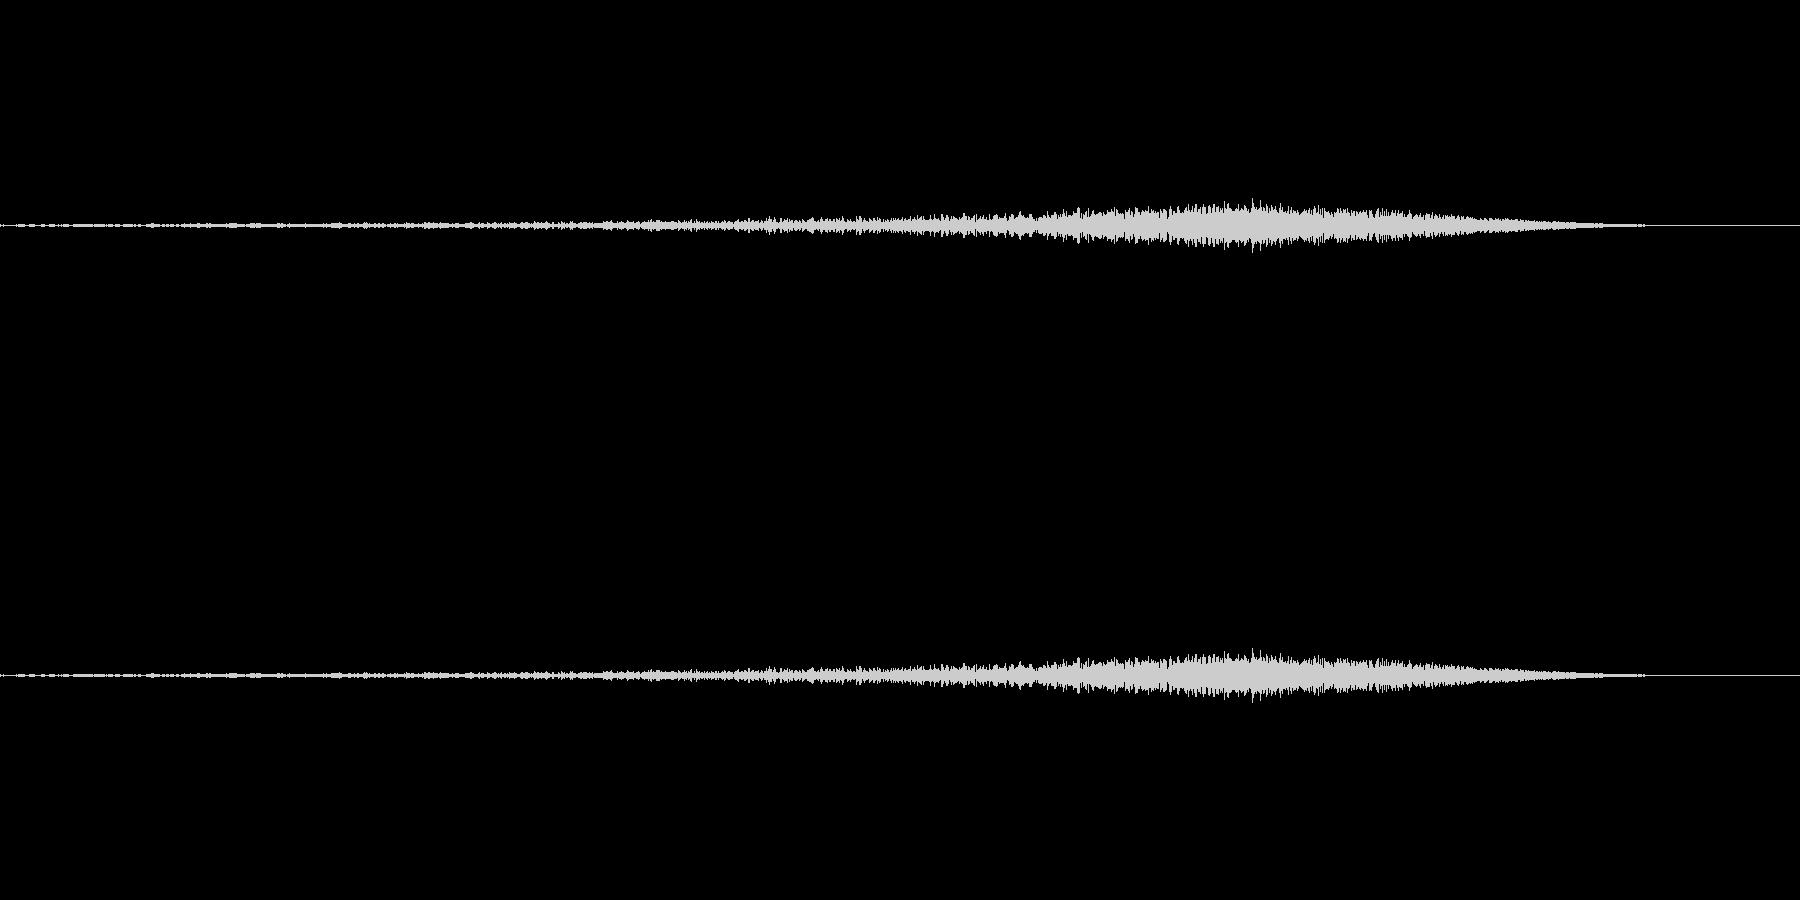 シュー:矢印が上昇するような音の未再生の波形